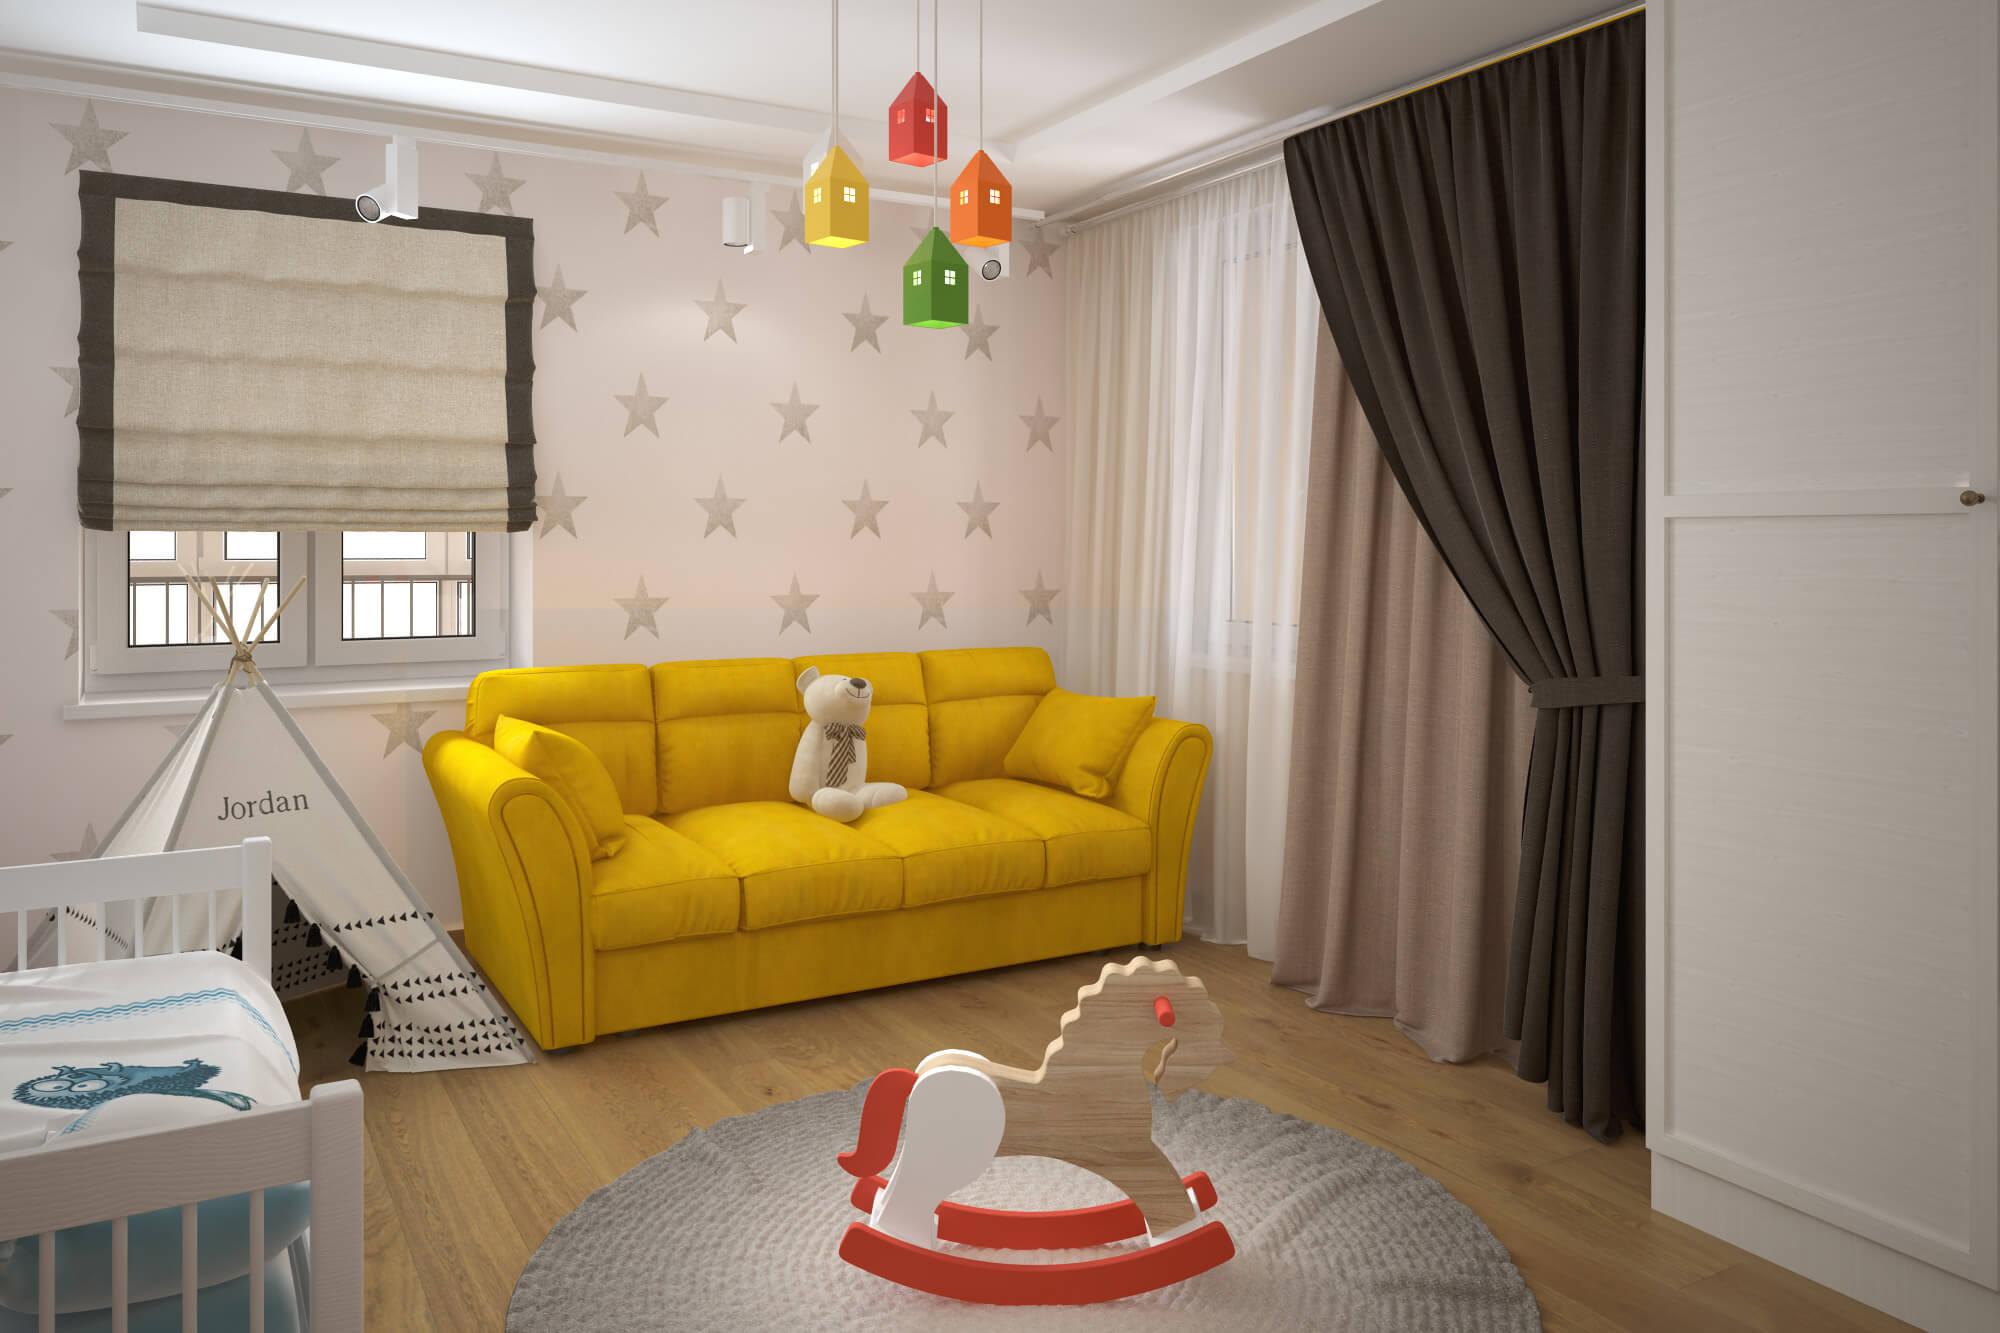 Интерьер для однокомнатной квартиры с детьми фото